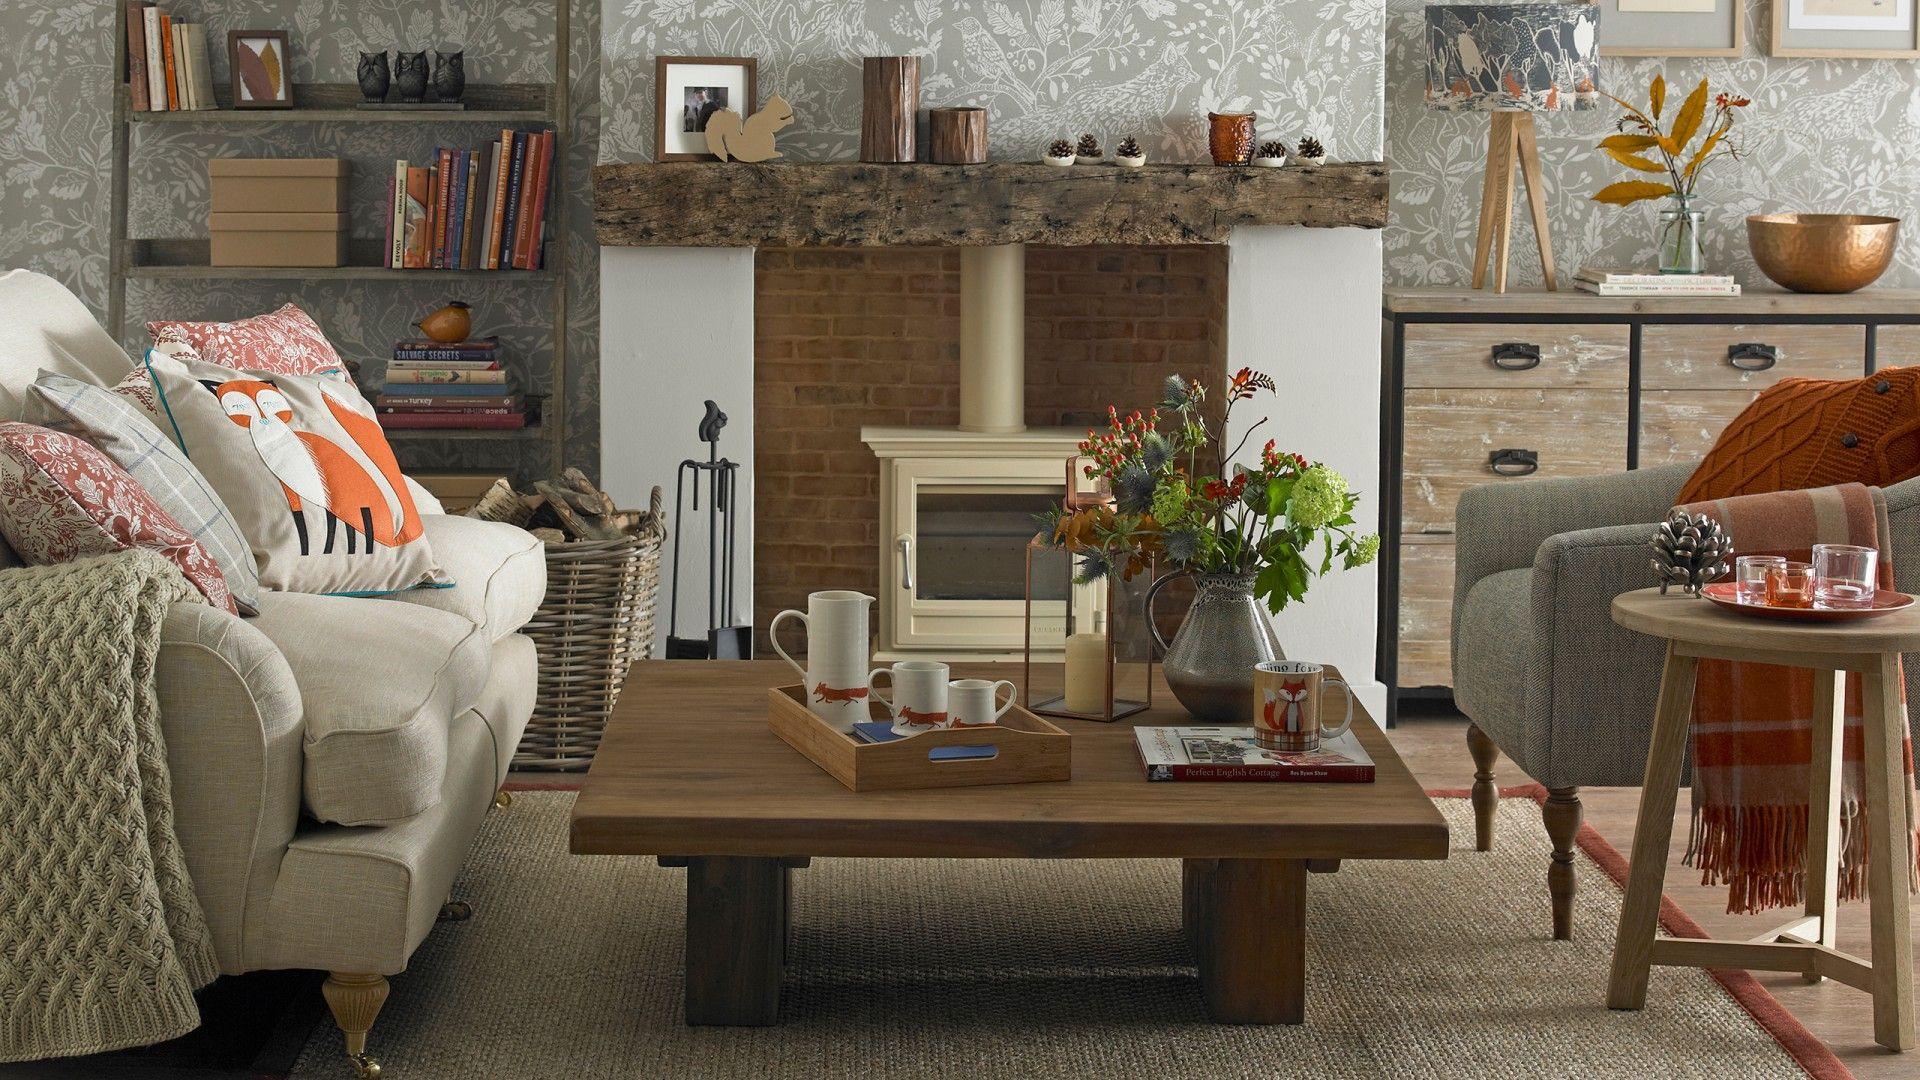 Rustic orange living room